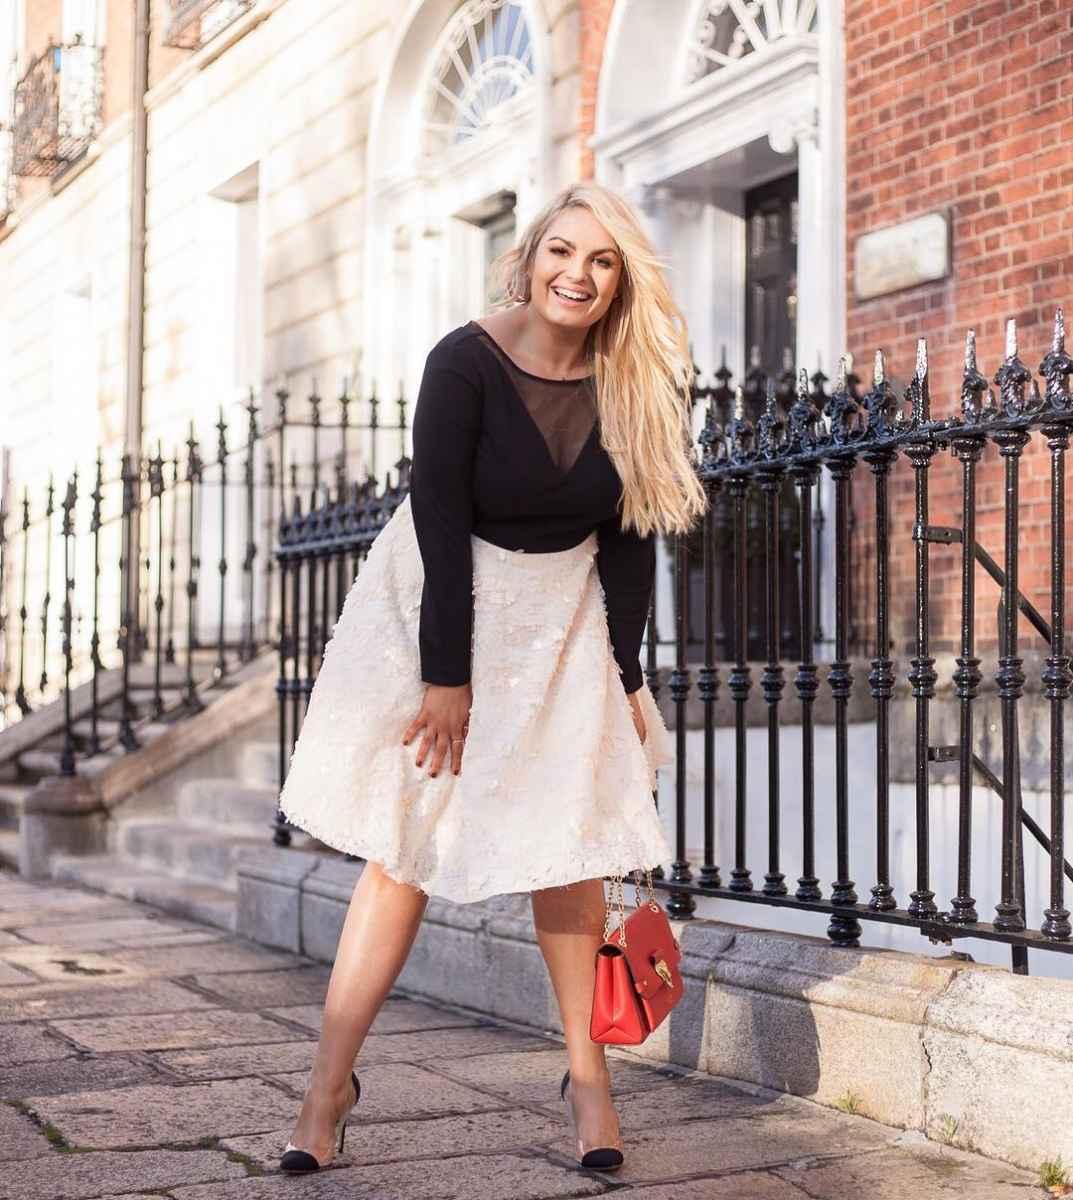 Модные юбки для полных женщин осень 2019 фото_3